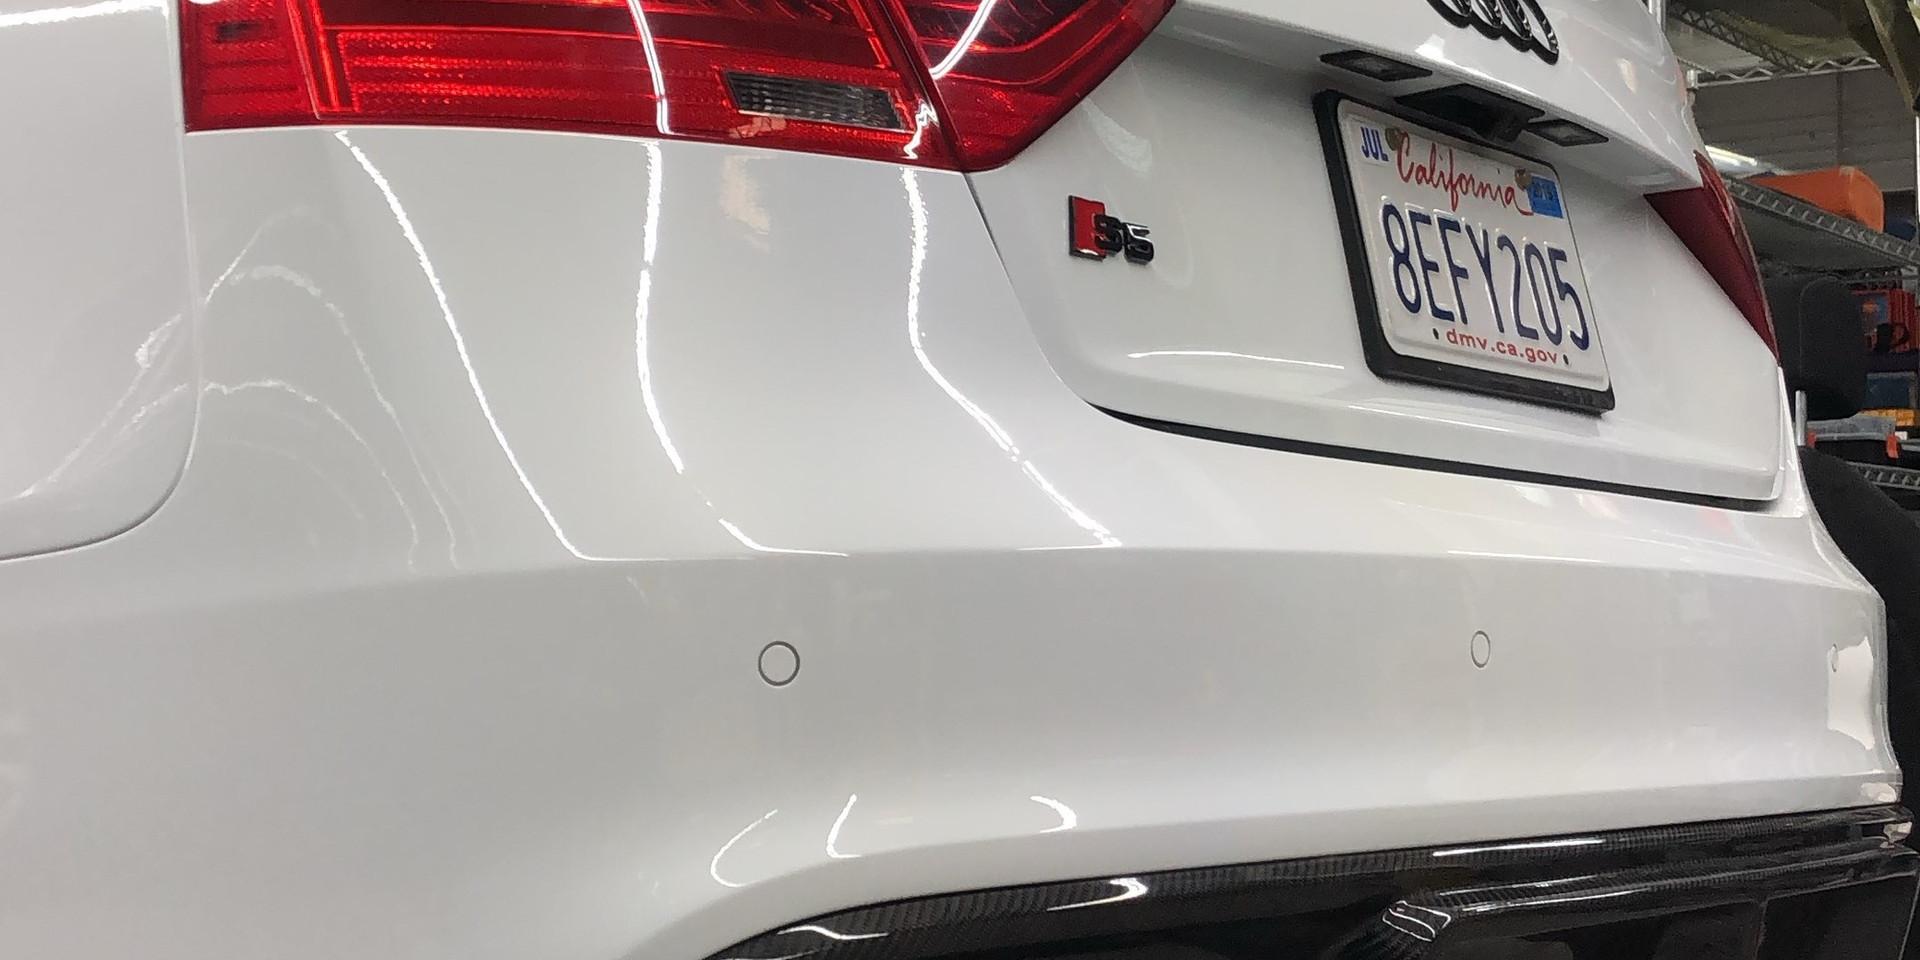 Audi S5 rear end assembled